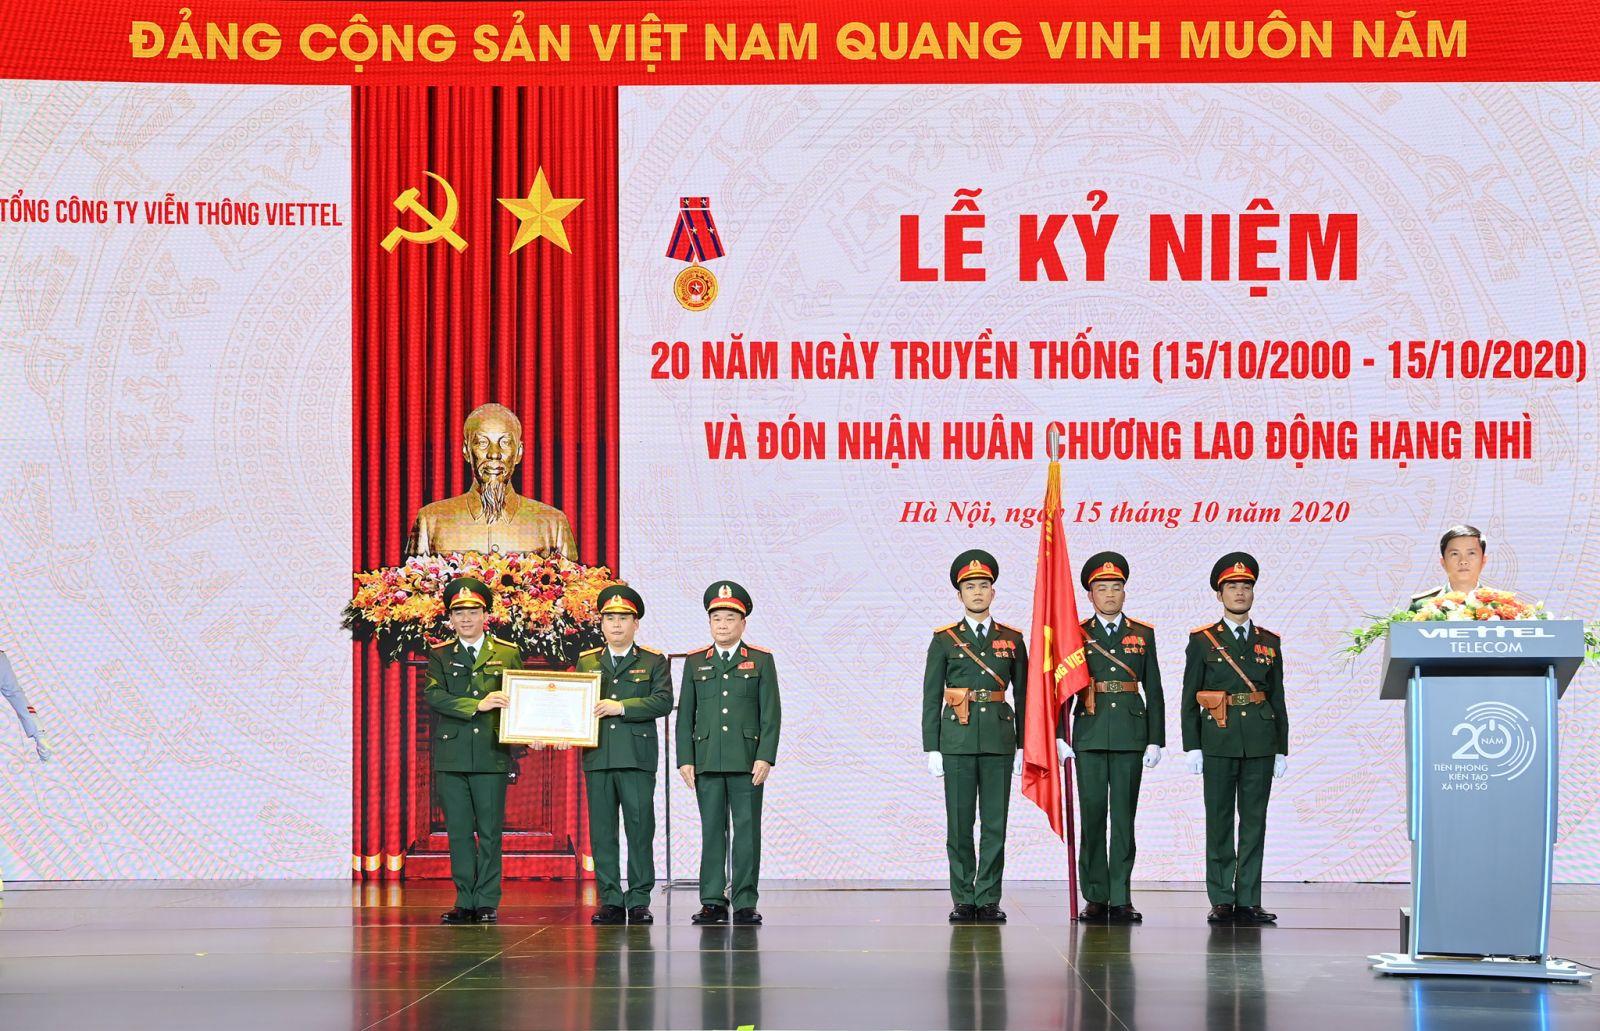 Lễ đón nhận Huân chương Lao động hạng Nhì của Tổng Công ty Viễn thông Viettel.